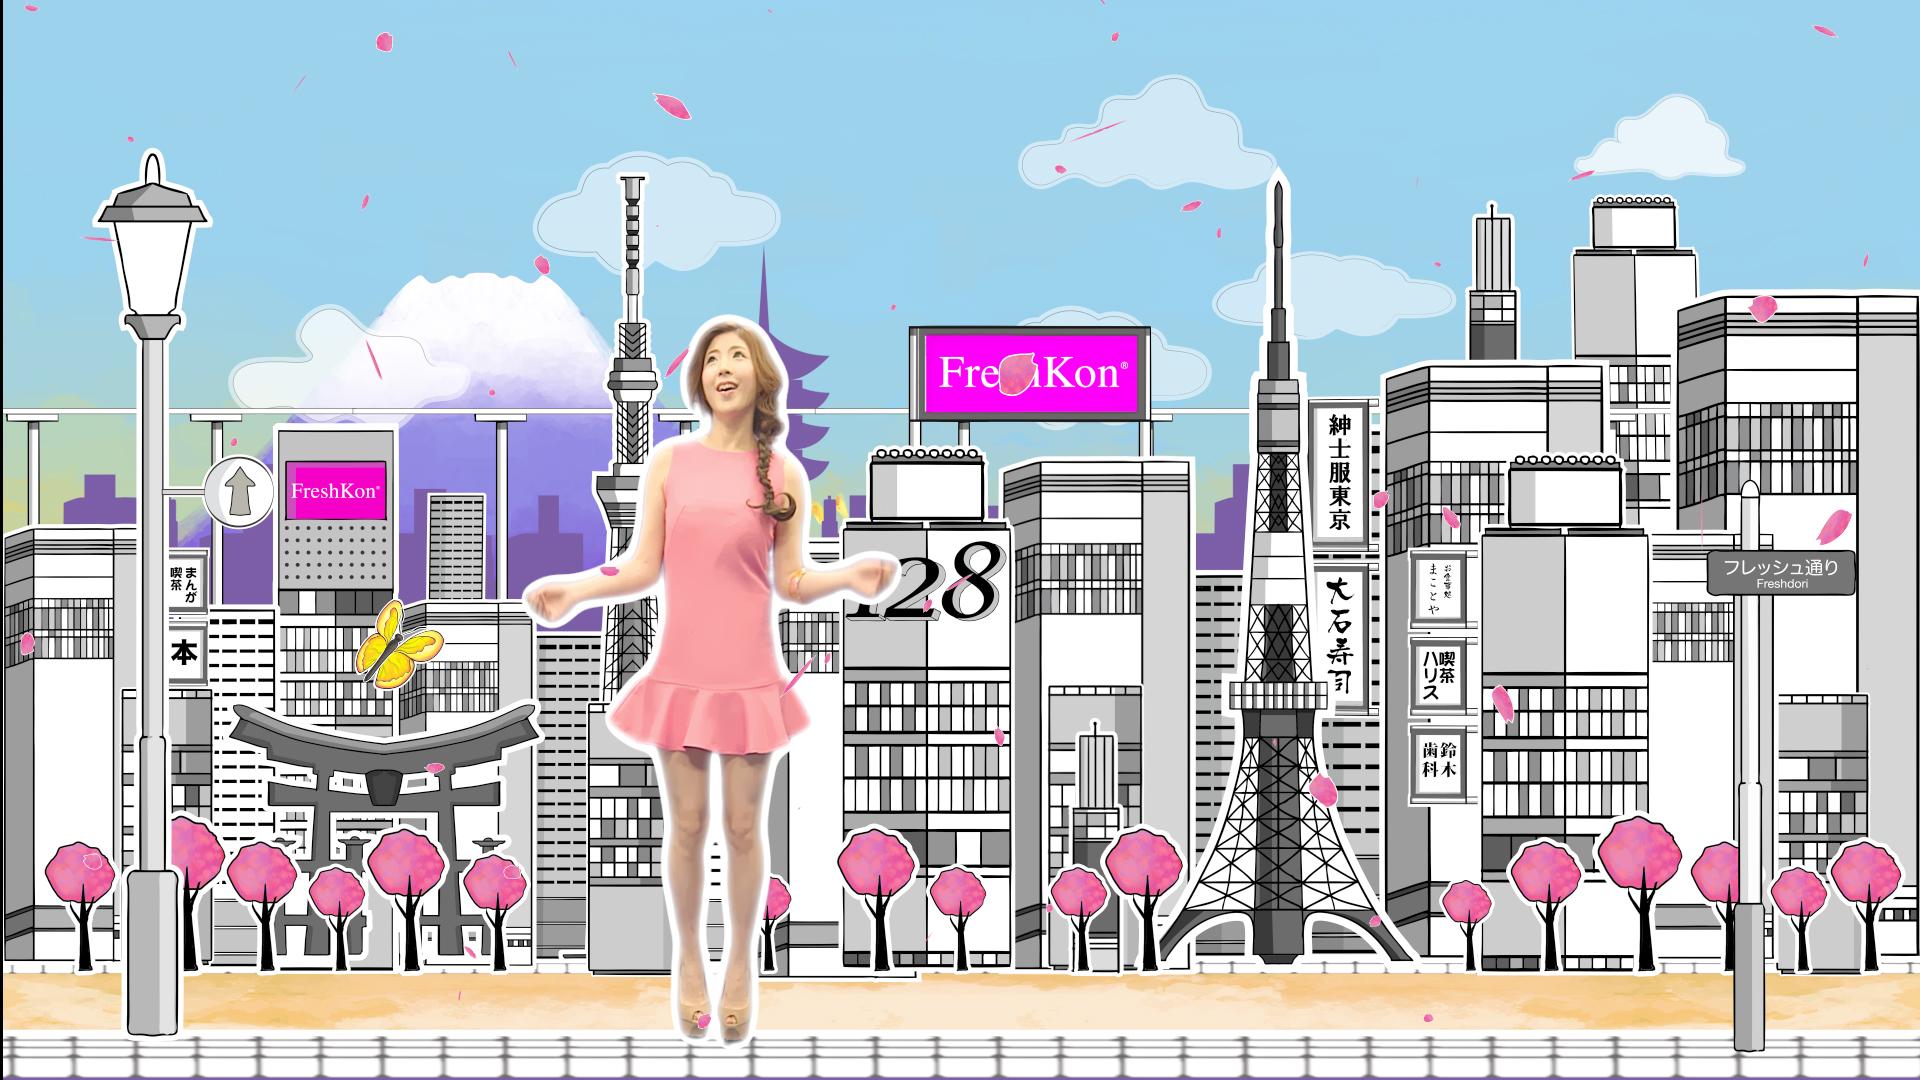 Freshkon_2015_30sec_edited_220116 (0-00-13-17)